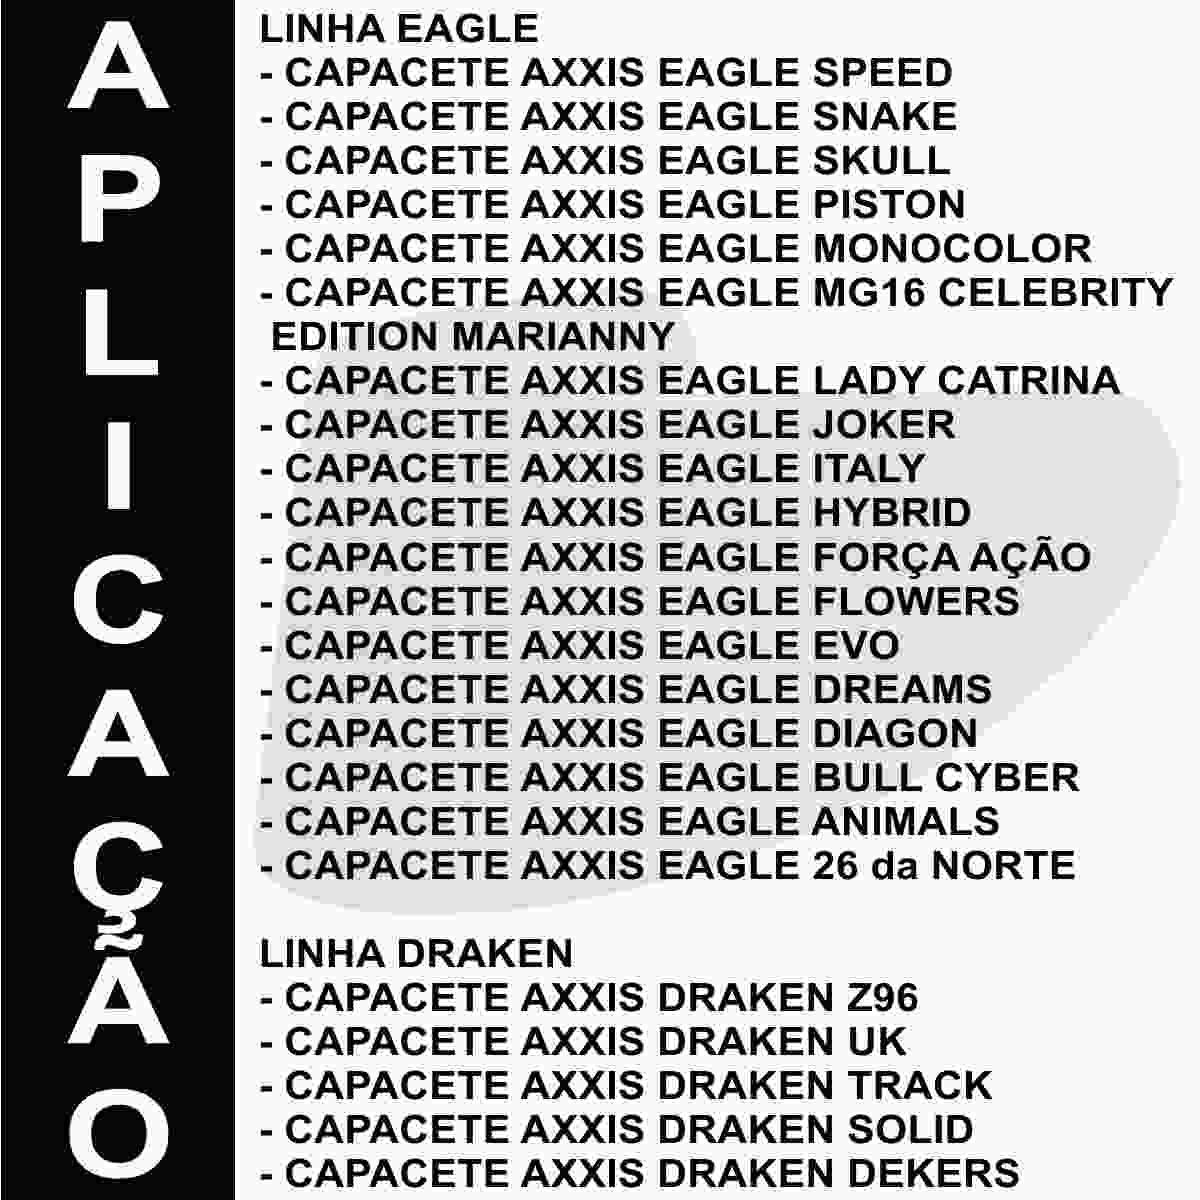 VISEIRA AXXIS EAGLE/DRAKEN AZUL V18